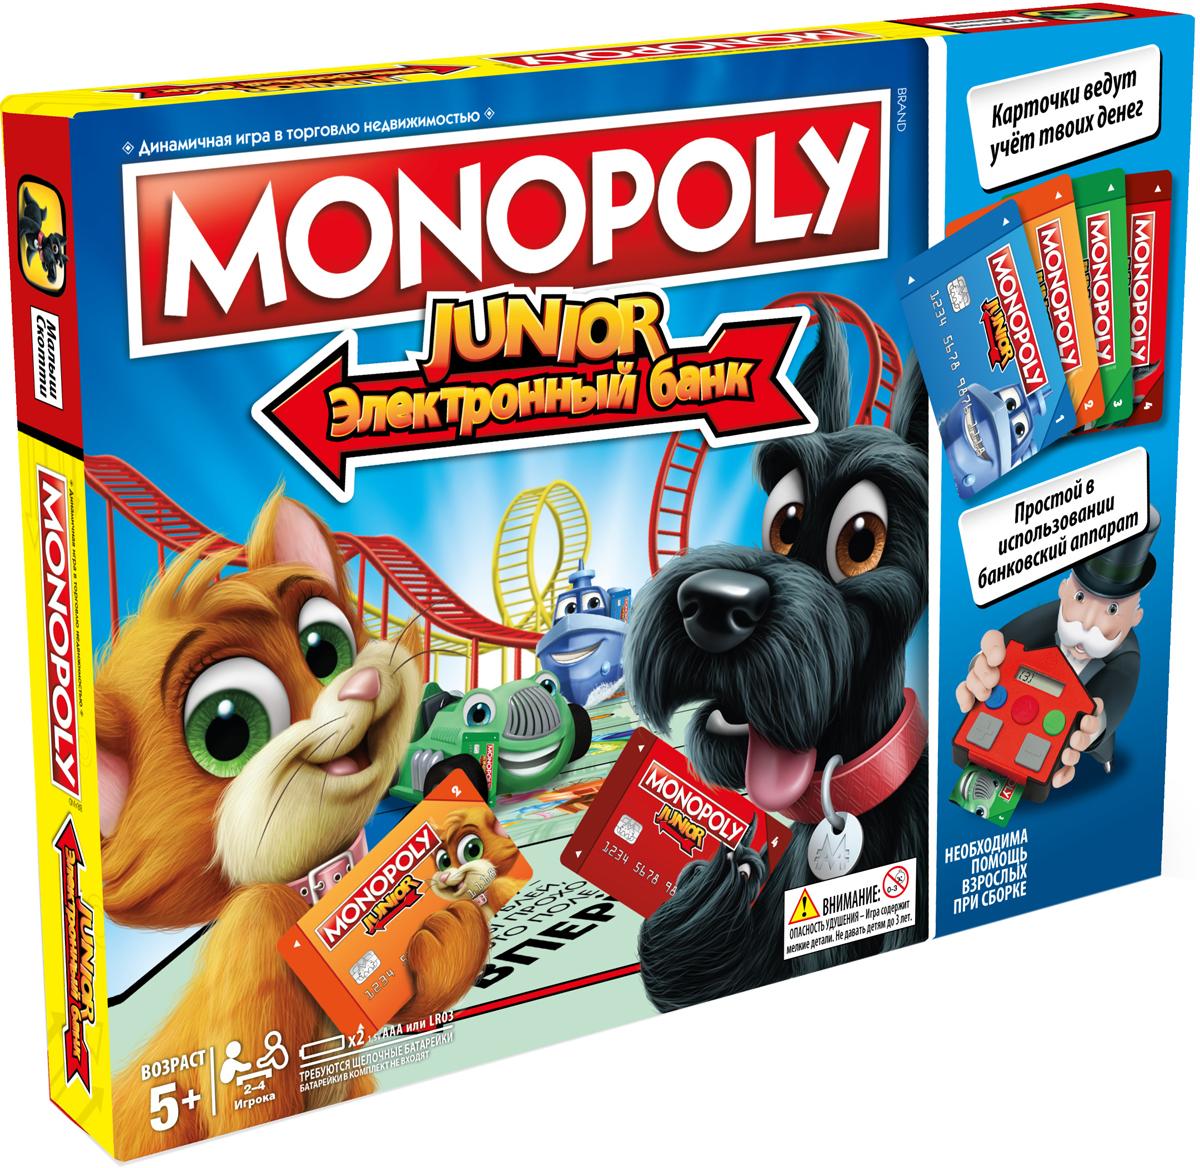 Monopoly Настольная игра Монополия Джуниор с картами е а бабенкова о м федоровская игры которые лечат для детей от 3 до 5 лет